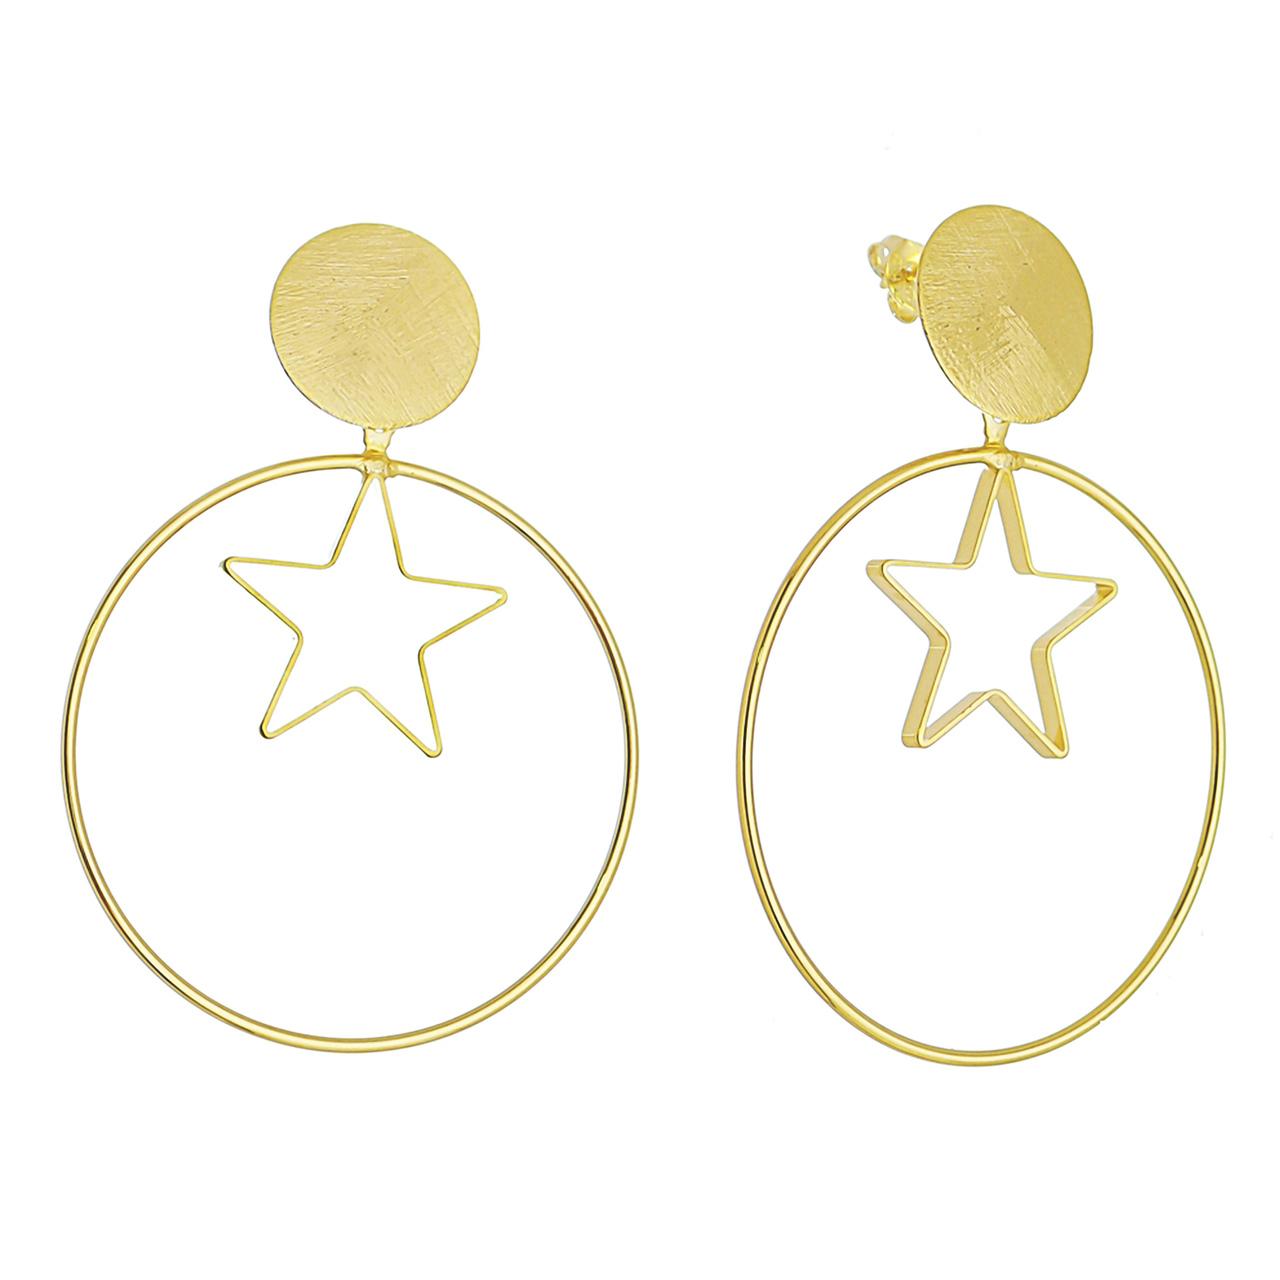 Brinco Círculo C/ Estrela Vazada Ouro 18k